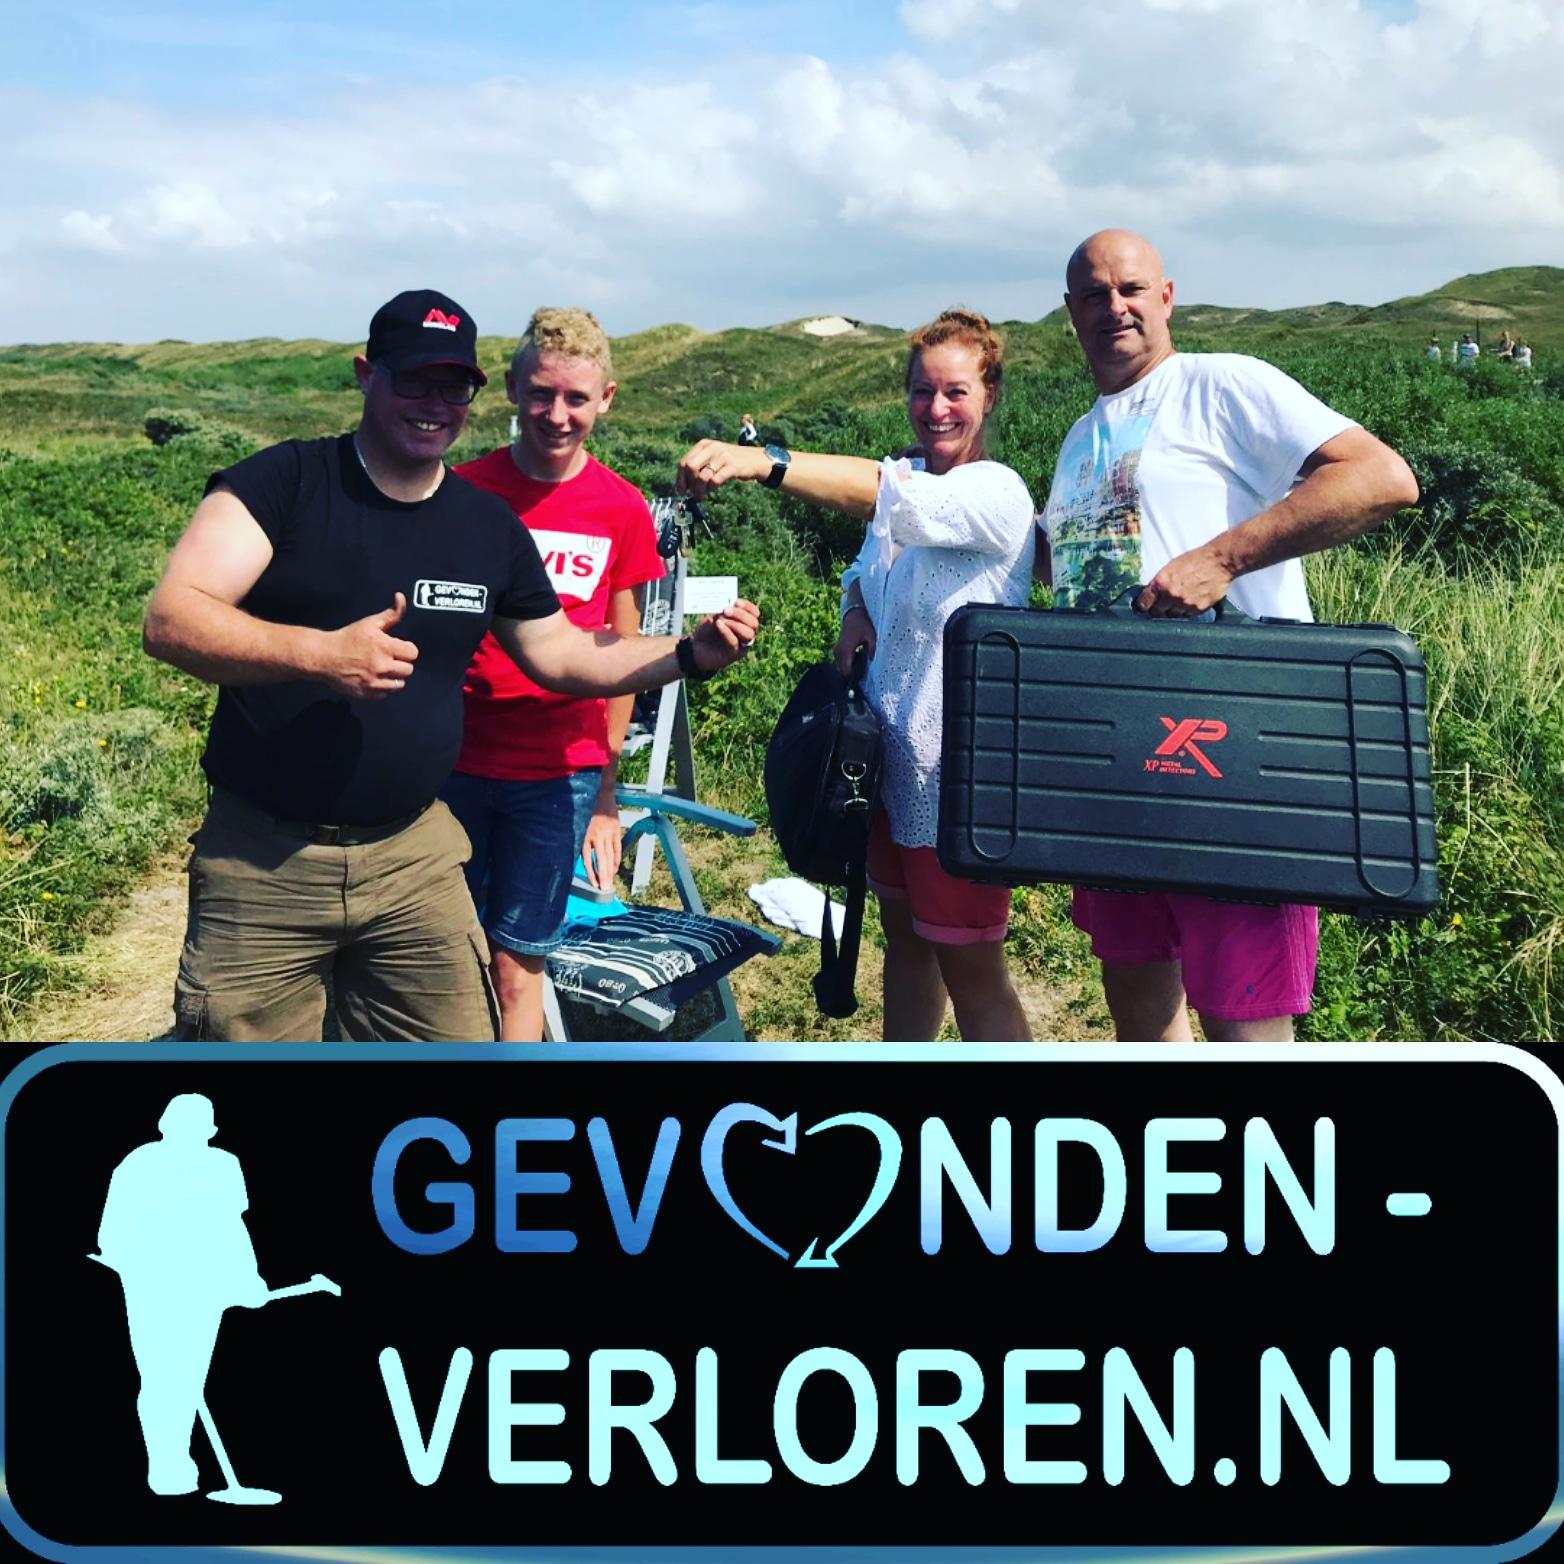 Texel Laat Sleutels Verdwijnen, Gevonden-verloren Vind Ze Terug.